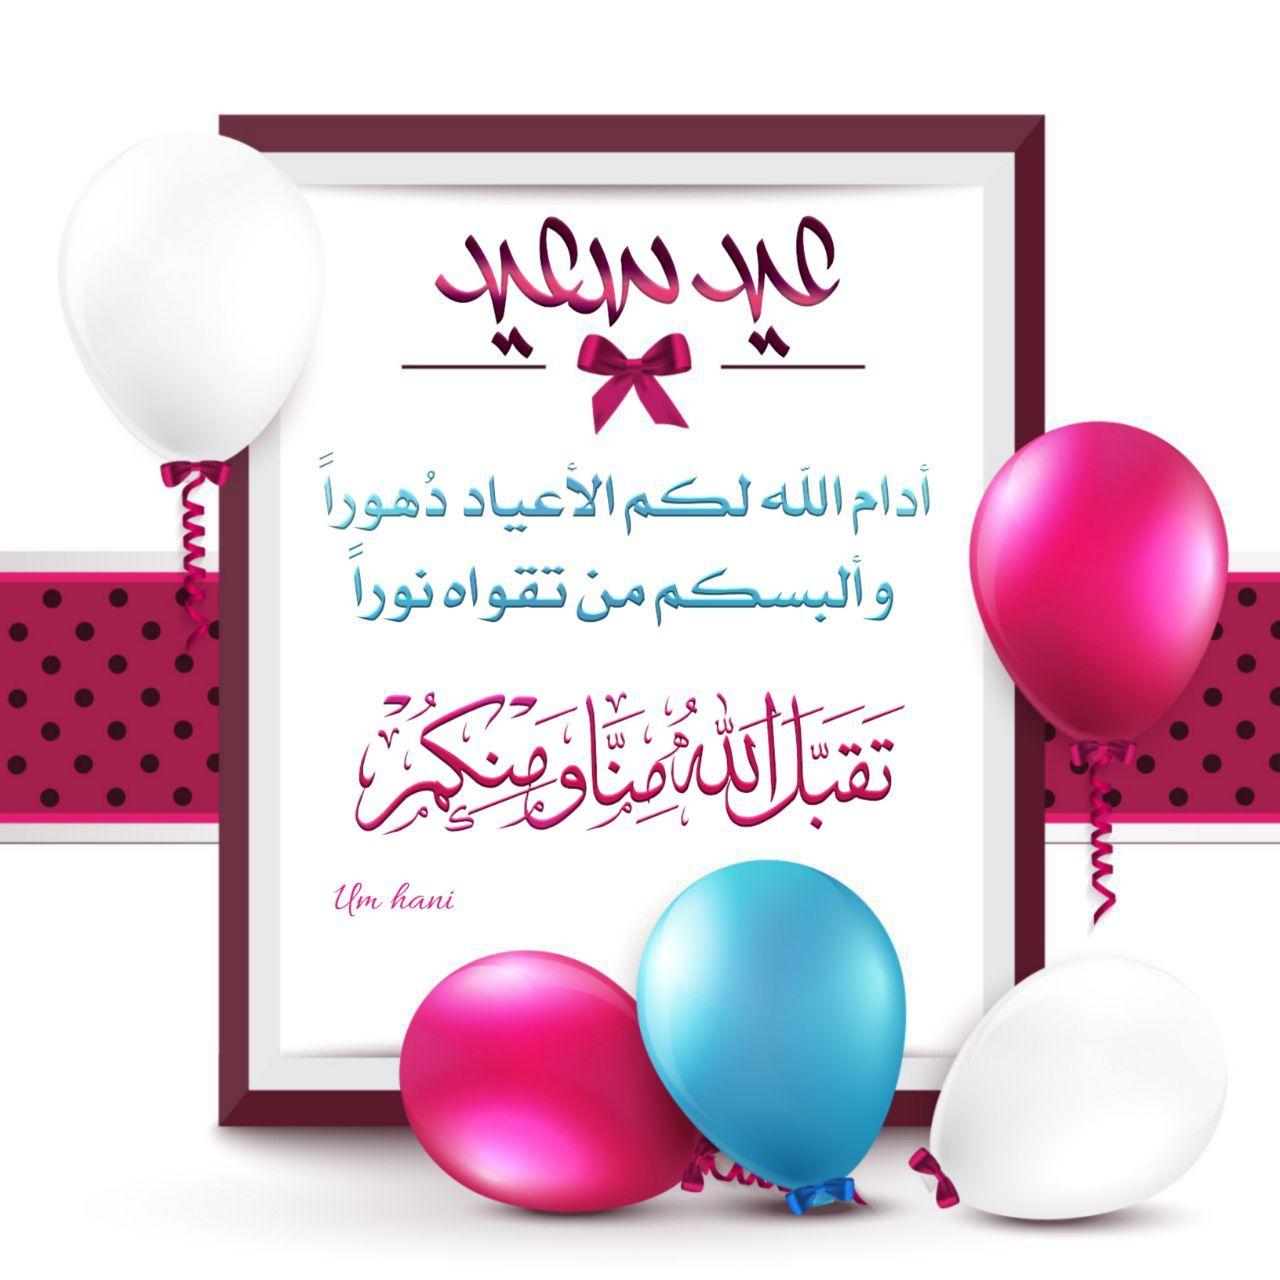 بمناسبة عيد الفطر المبارك نقدم لكل الأمة الإسلامية أجمل التهاني في شتى أنحاء العالم ونهديهم Happy Birthday Balloons Birthday Card Template Birthday Balloons